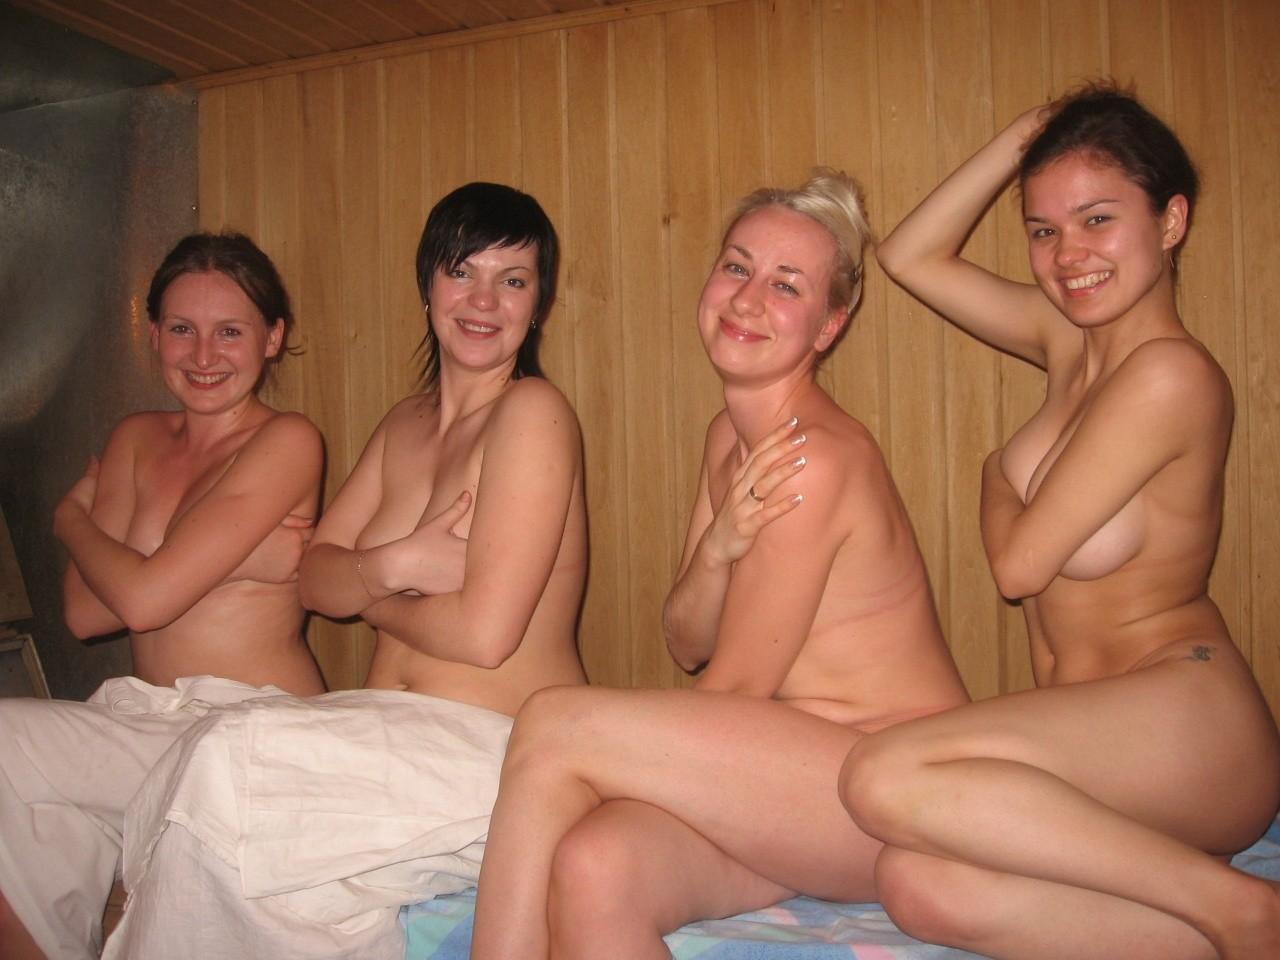 Смотреть онлайн секс девушки в пензе 4 фотография